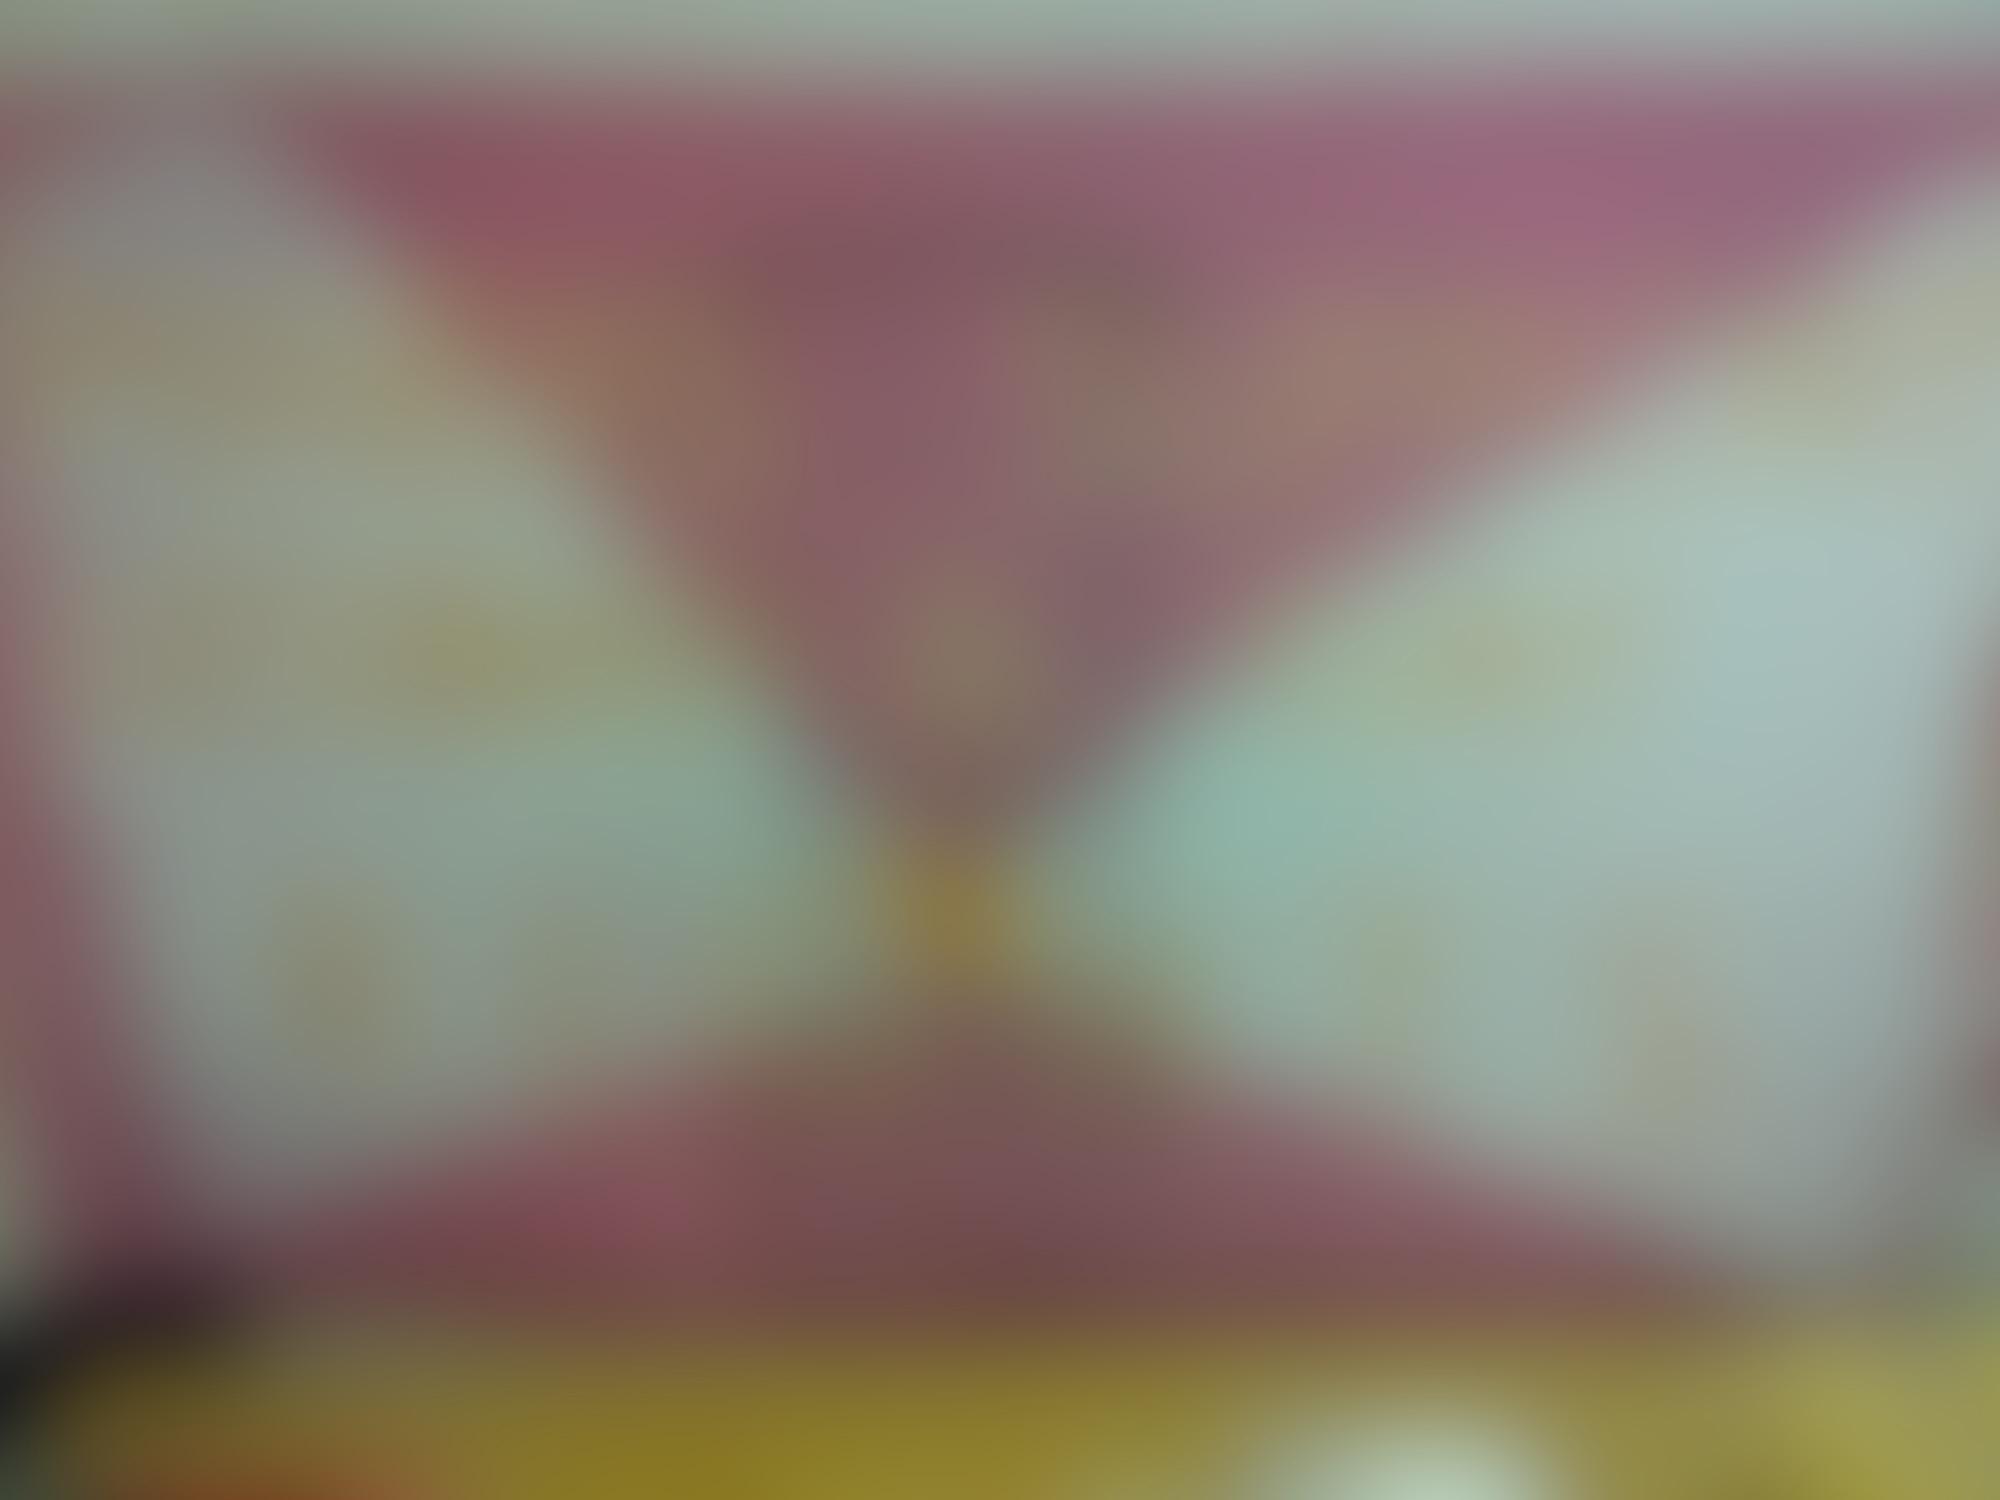 9610400 orig autocompressfitresizeixlibphp 1 1 0max h2000max w3 D2000q80s8871e2820b3fcd7815829a0cd3b6457f